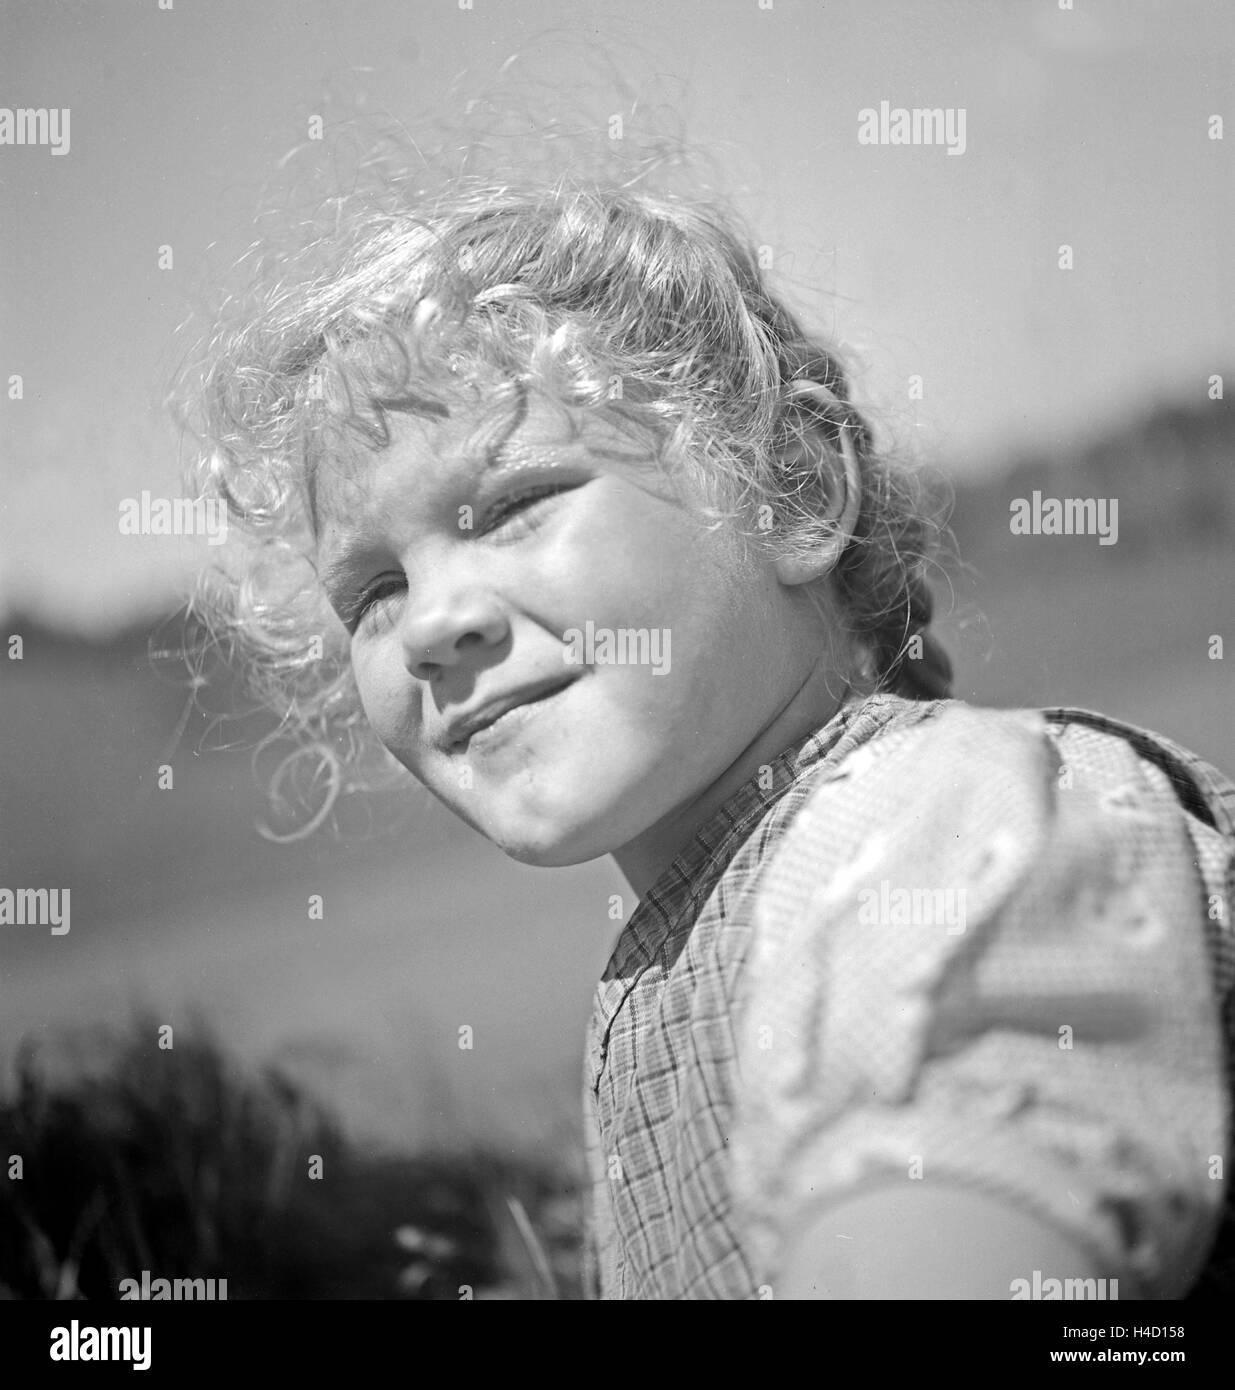 Porträt Eines Kleinen Mädchen in Den Bergen von Österreich, 1930er Jahre. Porträt eines Mädchens Stockbild